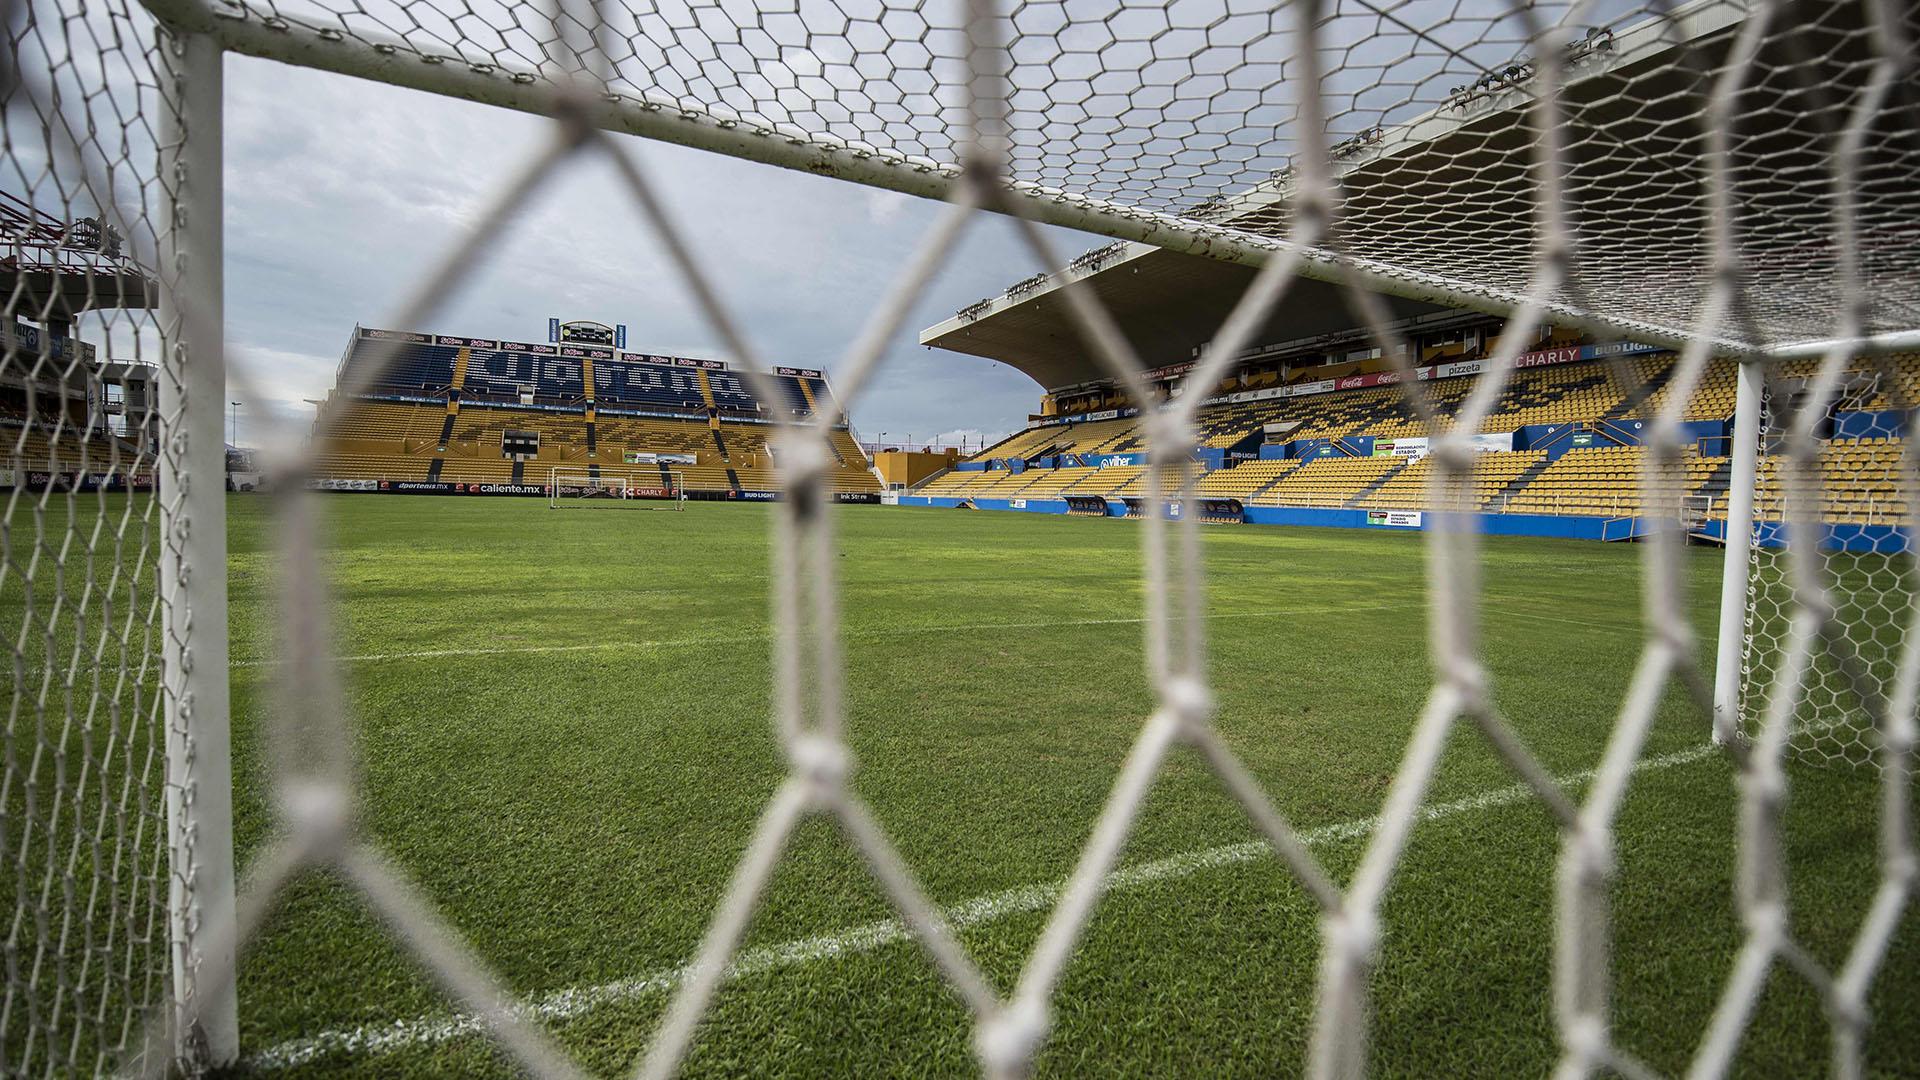 El estadio Banorte fue inaugurado el 9 de agosto del 2003 en un partido disputado entre los Dorados de Sinaloa y las Cobras de Ciudad Juárez. Tiene capacidad para 23 mil aficionados y se anunció que abrirá sus puertas al público en el primer entrenamiento con Diego Armando Maradona como DT (AFP)